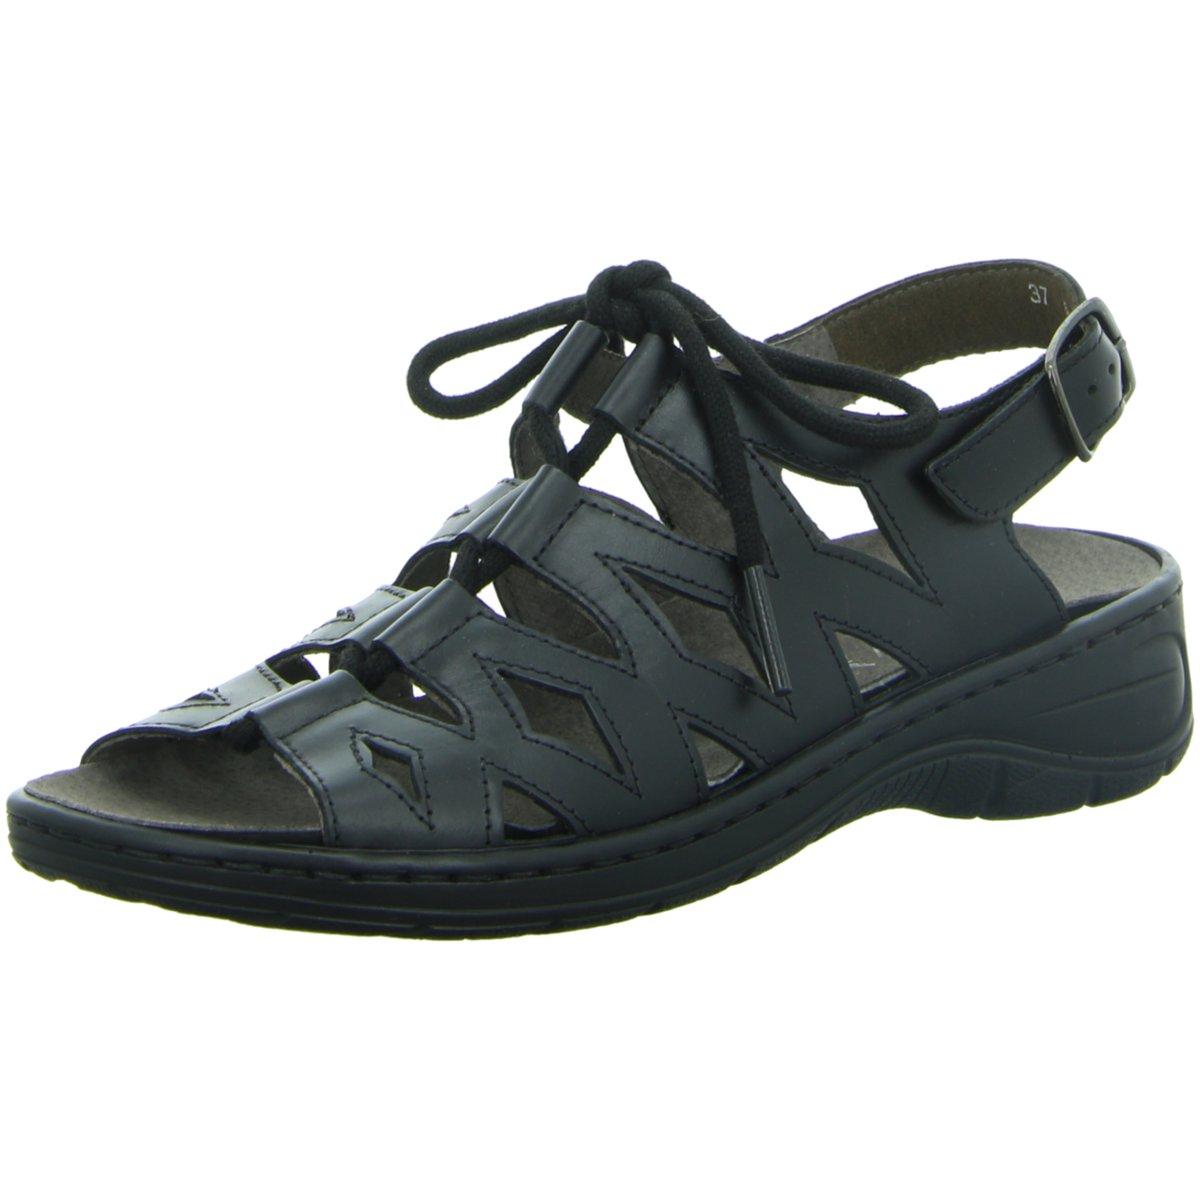 Jenny Damen Sandaletten Komfort Sandalette Korfu-Ang 22-56550-56 Gold 150322